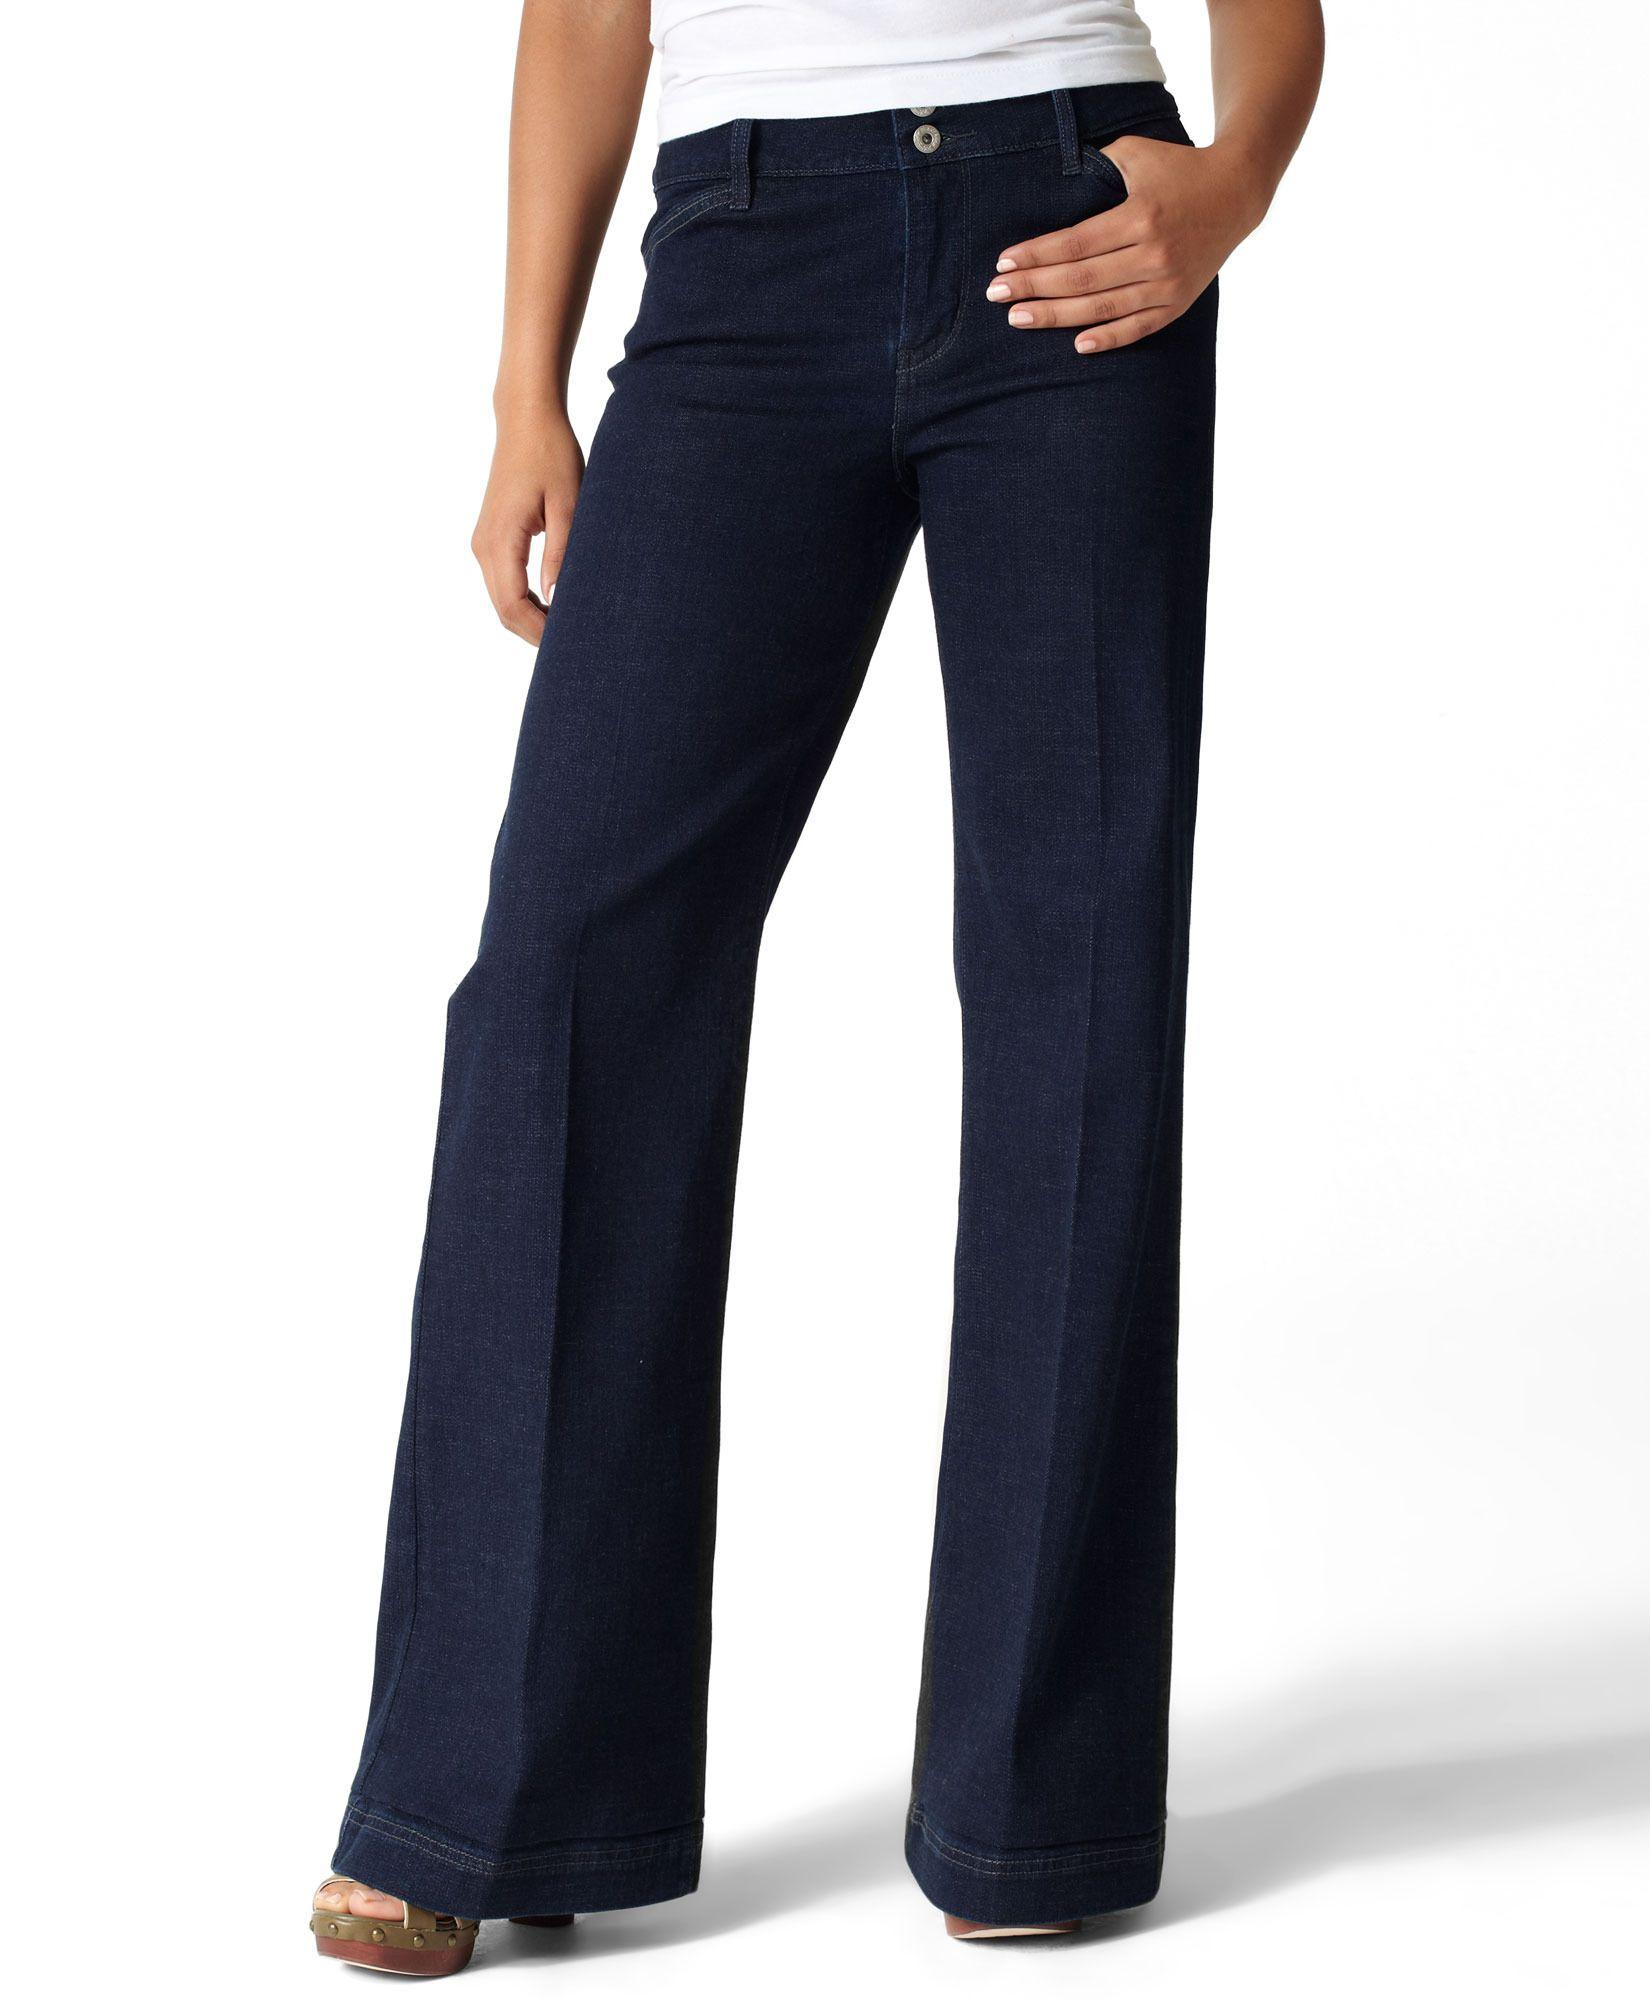 Leviu0026#39;s Double Button Wide Leg Jeans | Hmm...What should I wear? | Pinterest | Wide leg jeans ...